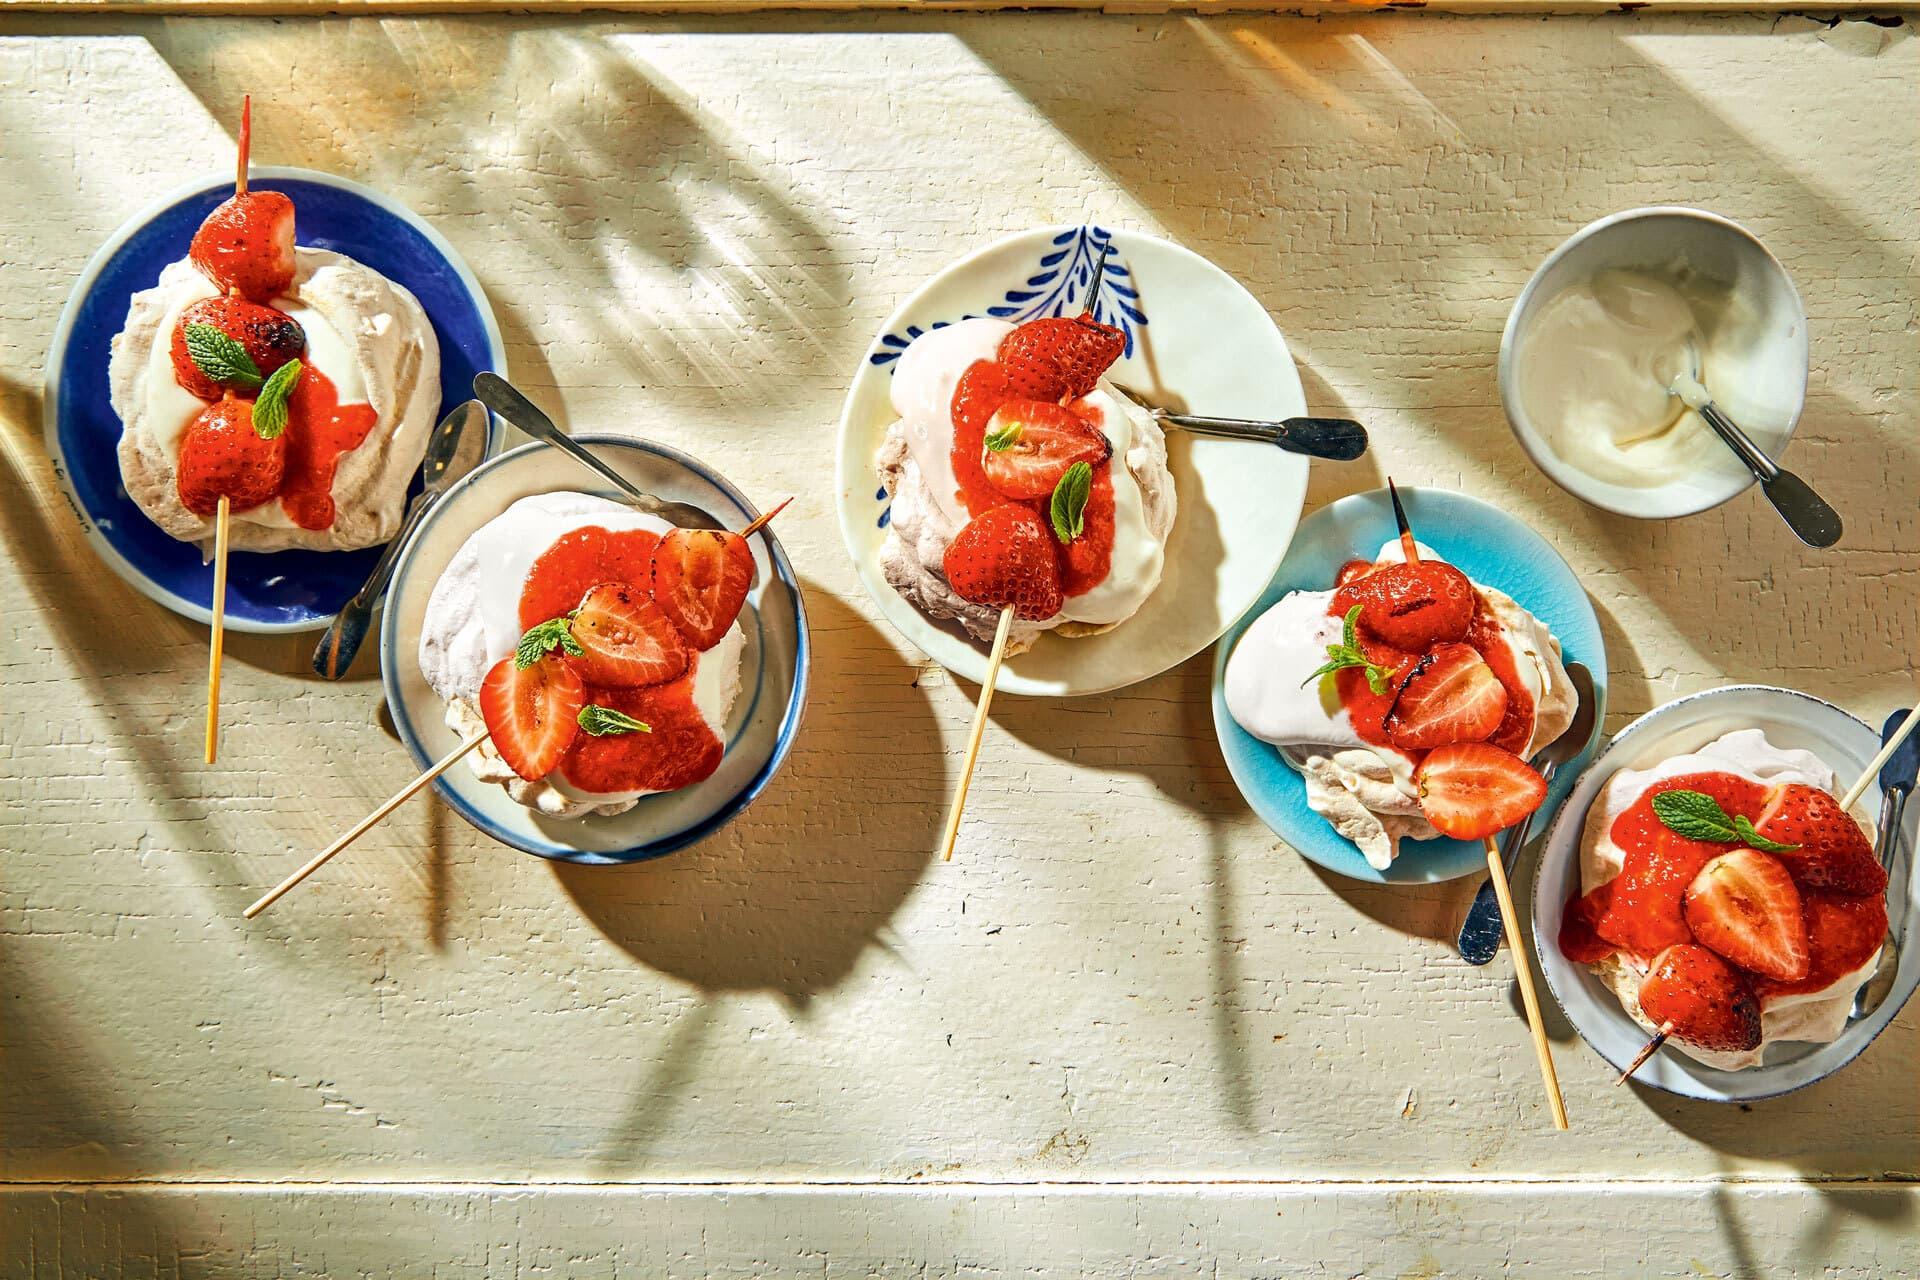 Mini-Baisers mit Grill-Erdbeeren in kleinen Schälchen.